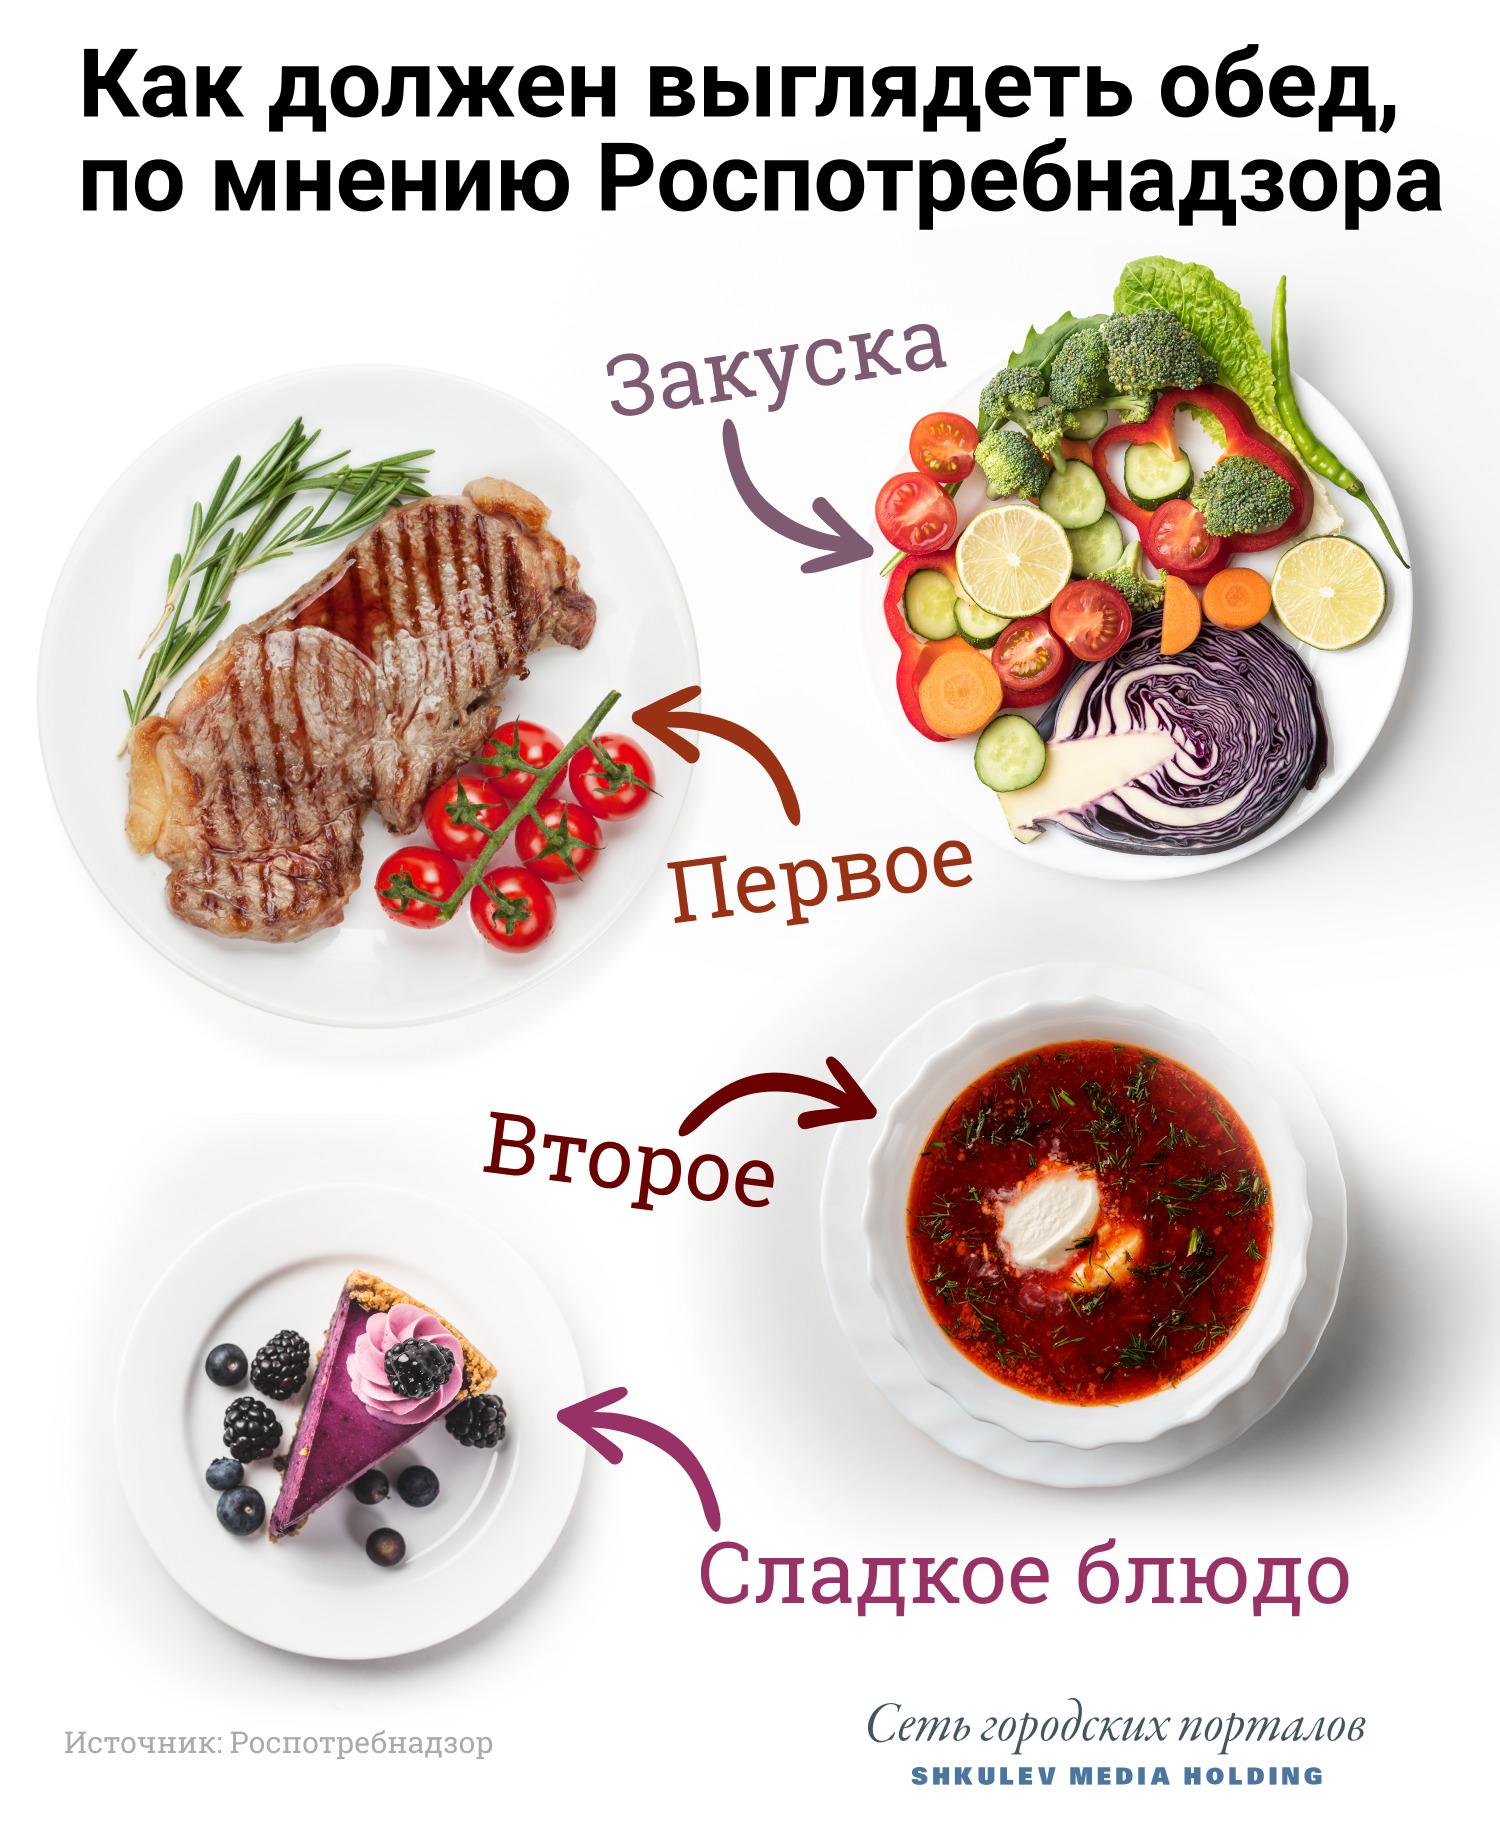 В рекомендациях Роспотребнадзора тоже нет напитков в составе «правильного» обеда